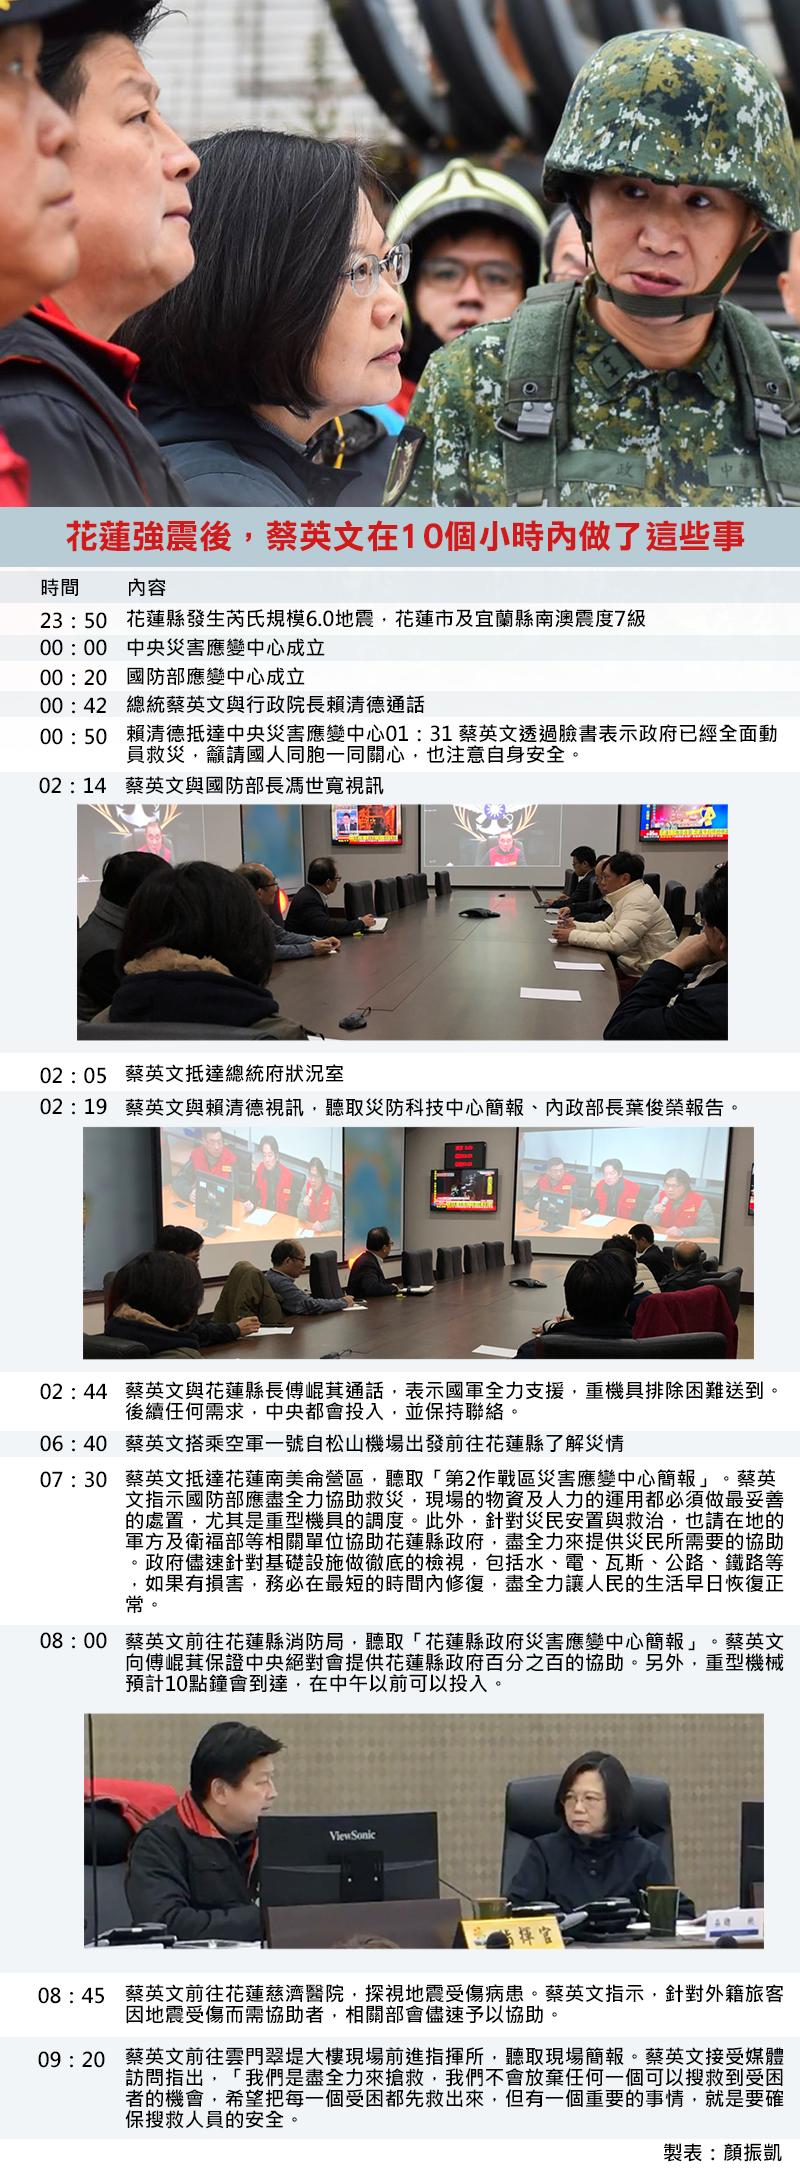 20180207-SMG0035- 花蓮強震後,蔡英文在10個小時內做了這些事.png